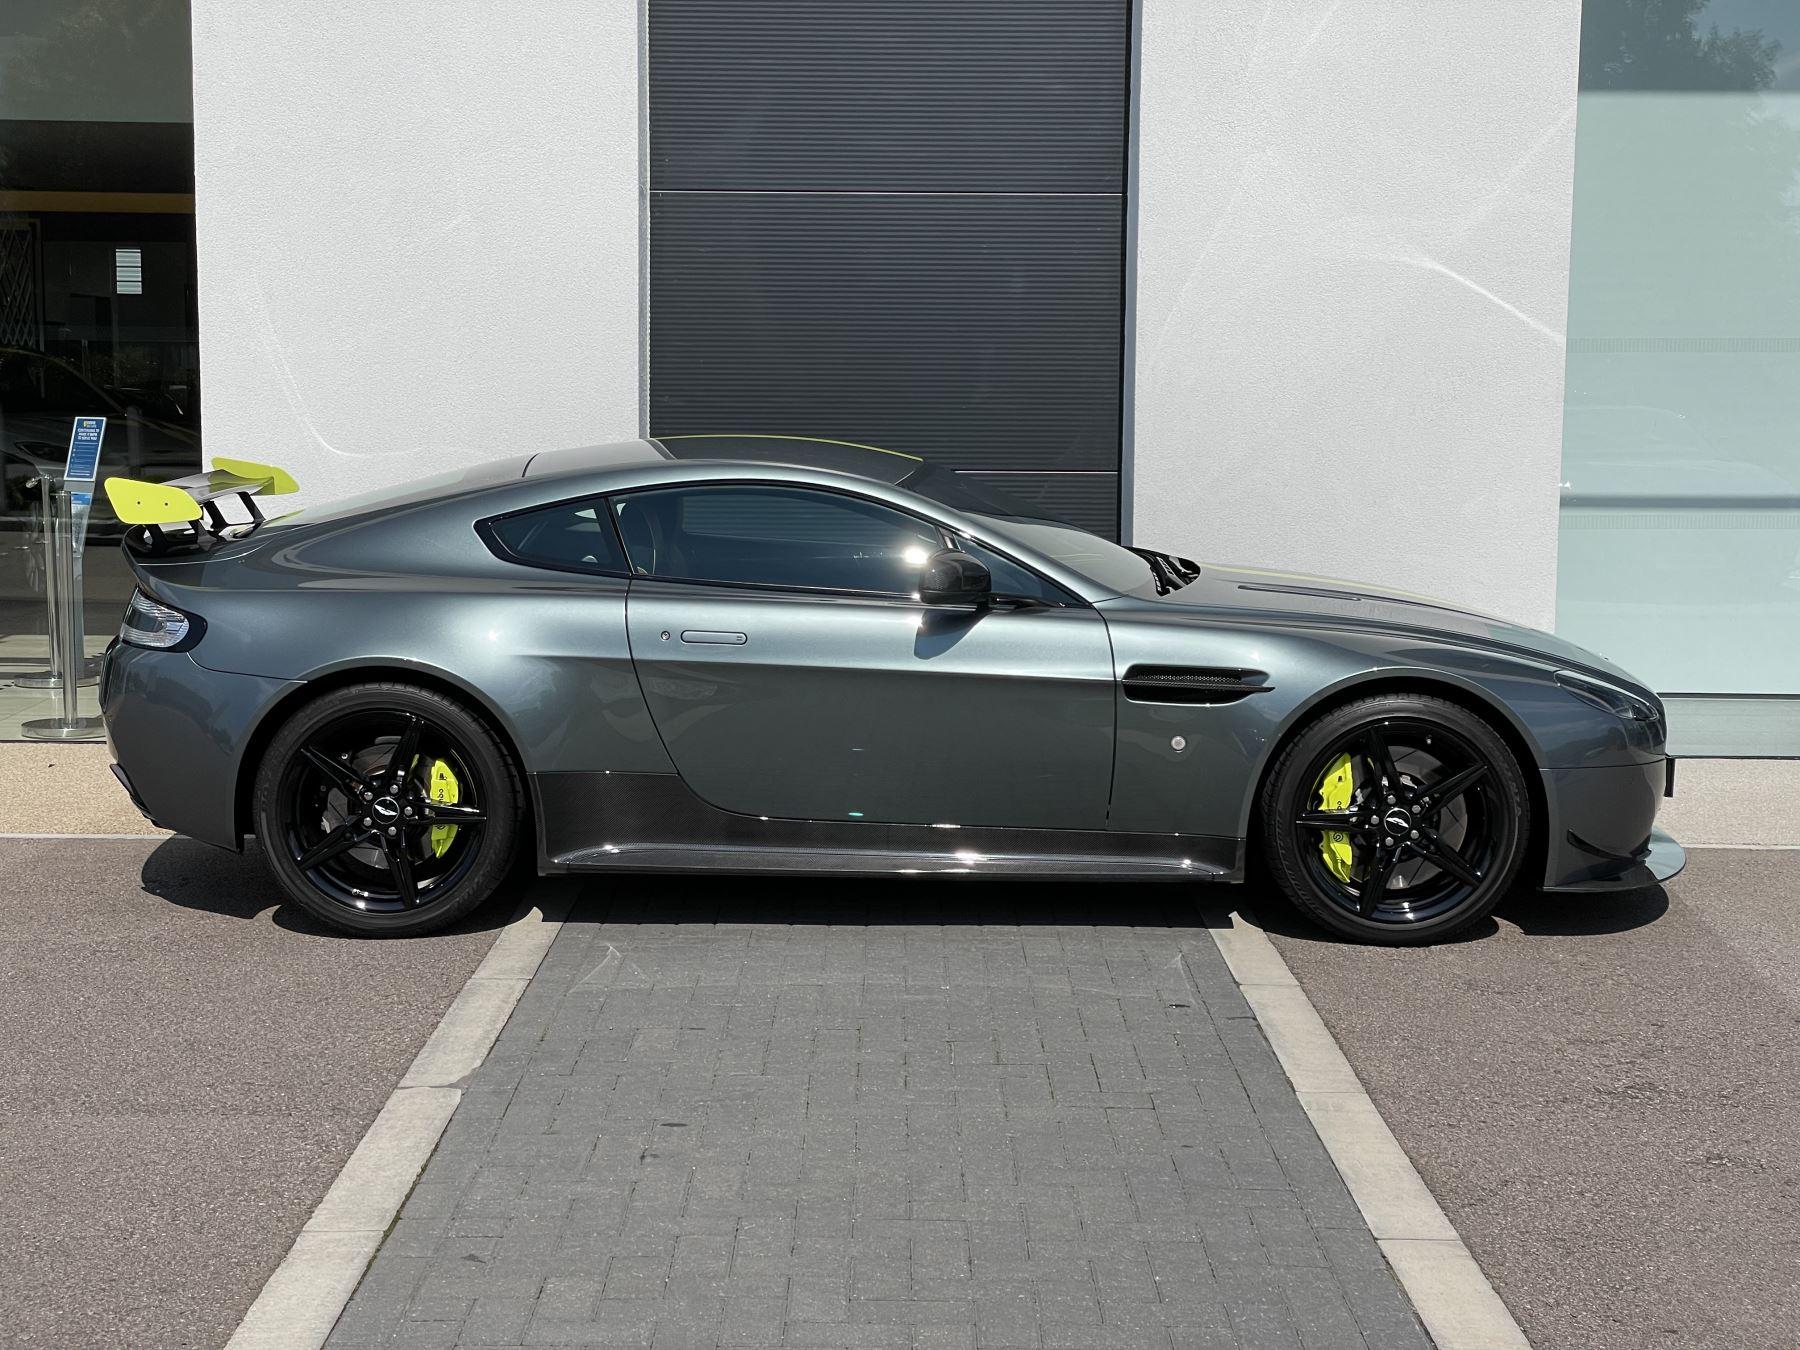 Aston Martin V8 Vantage S Coupe AMR 2dr image 2